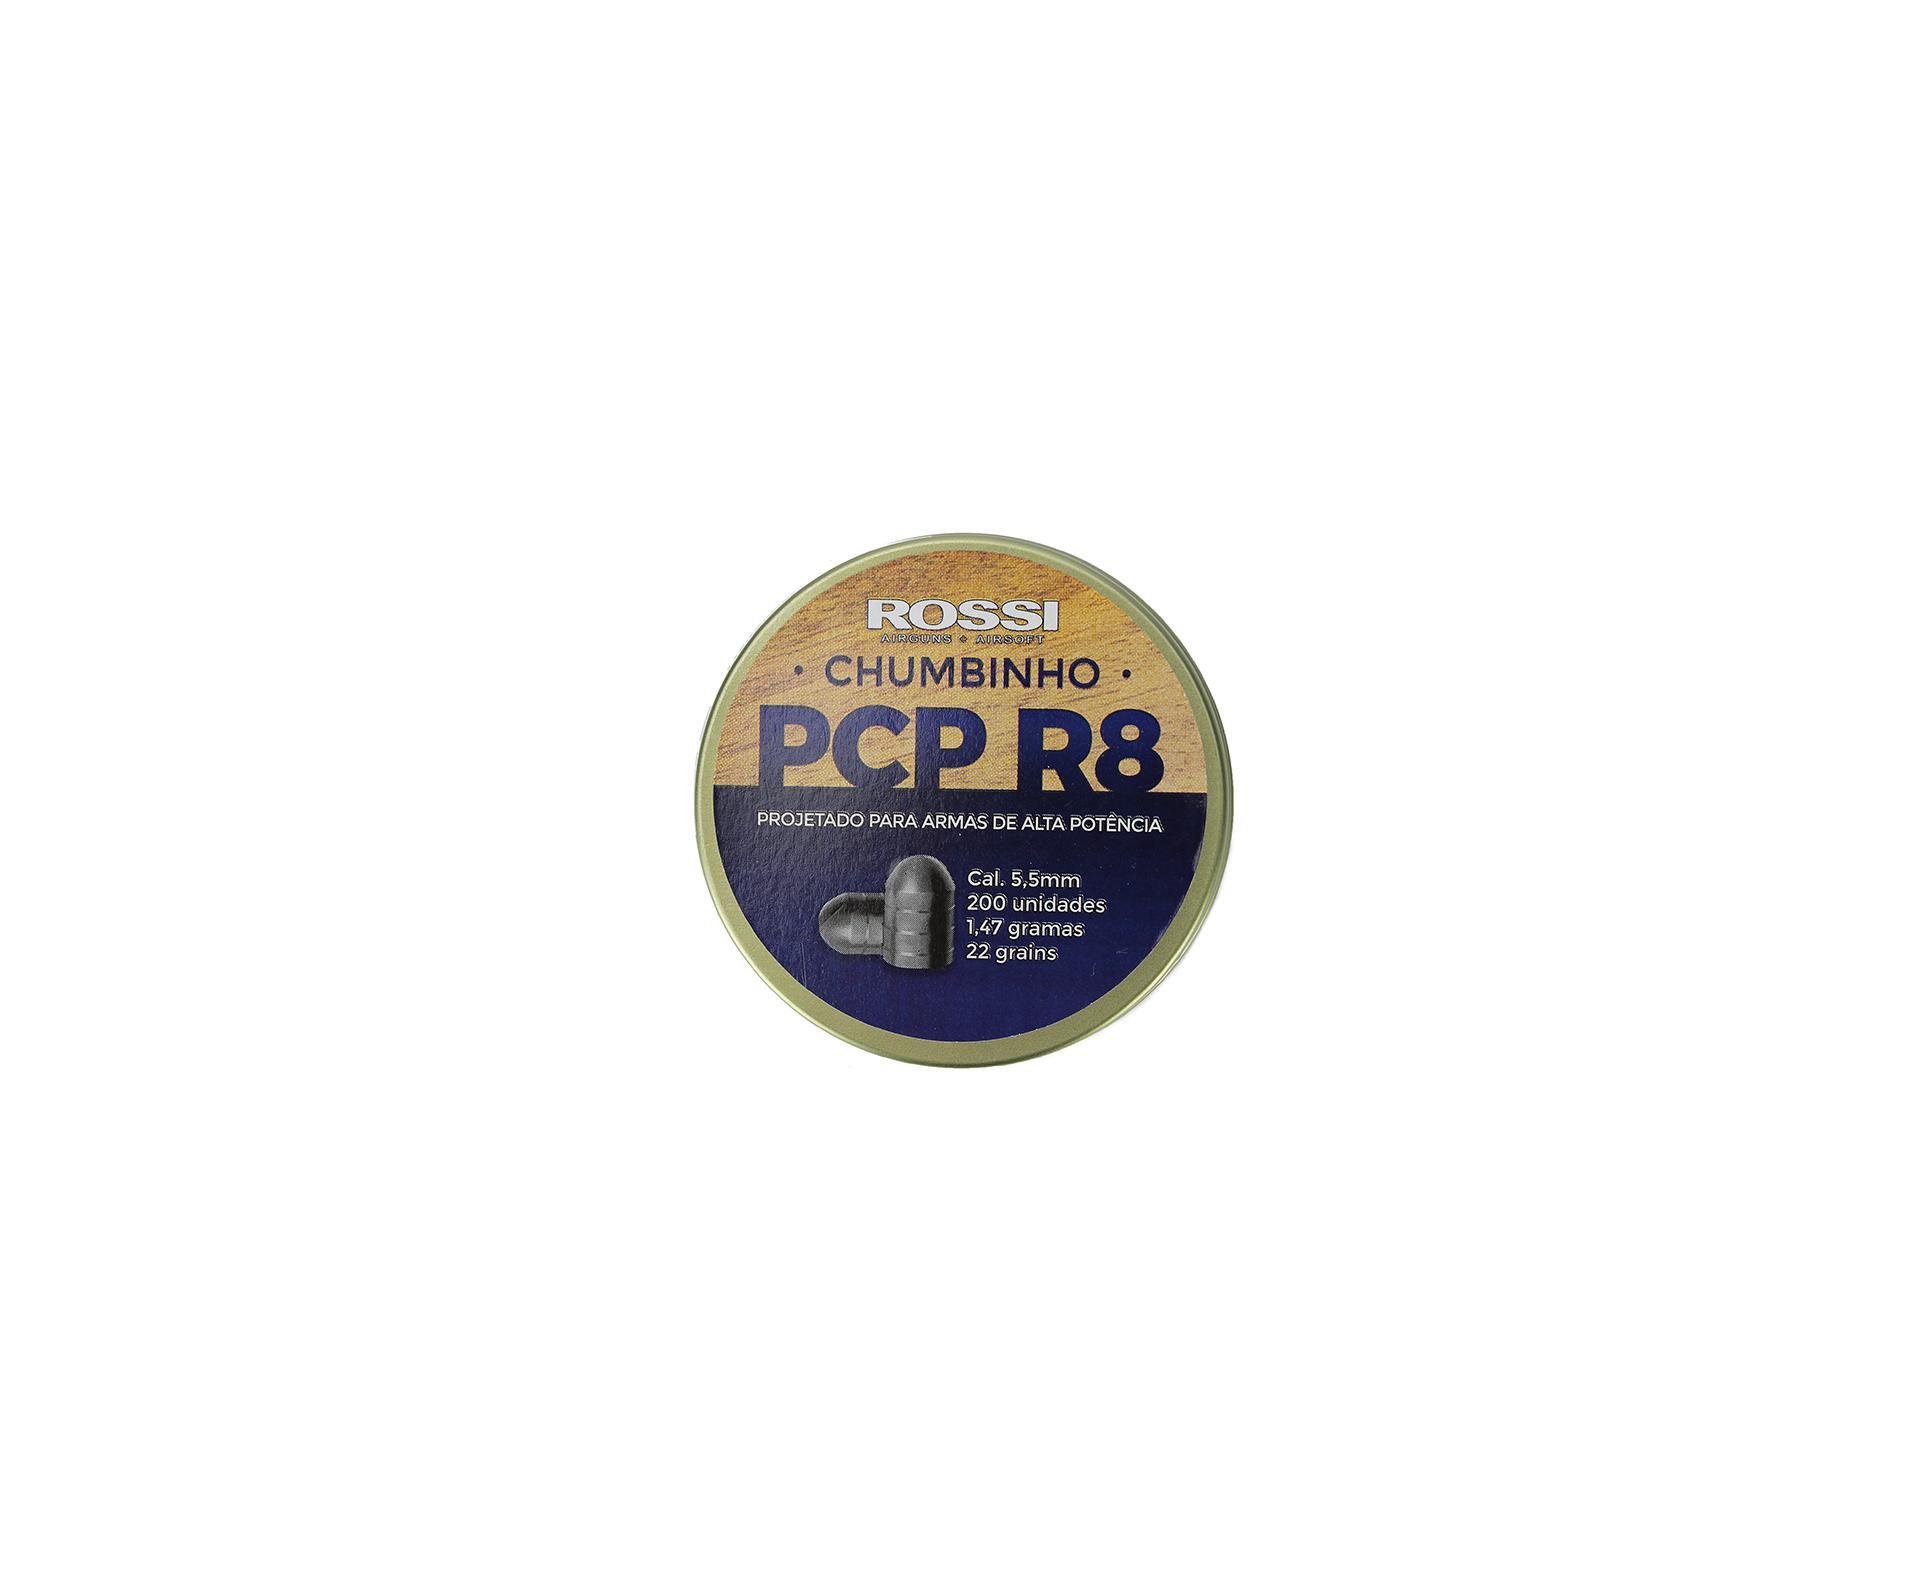 Chumbinho Rossi Pcp R8 5,5mm Para Destruição E Parada - 200un